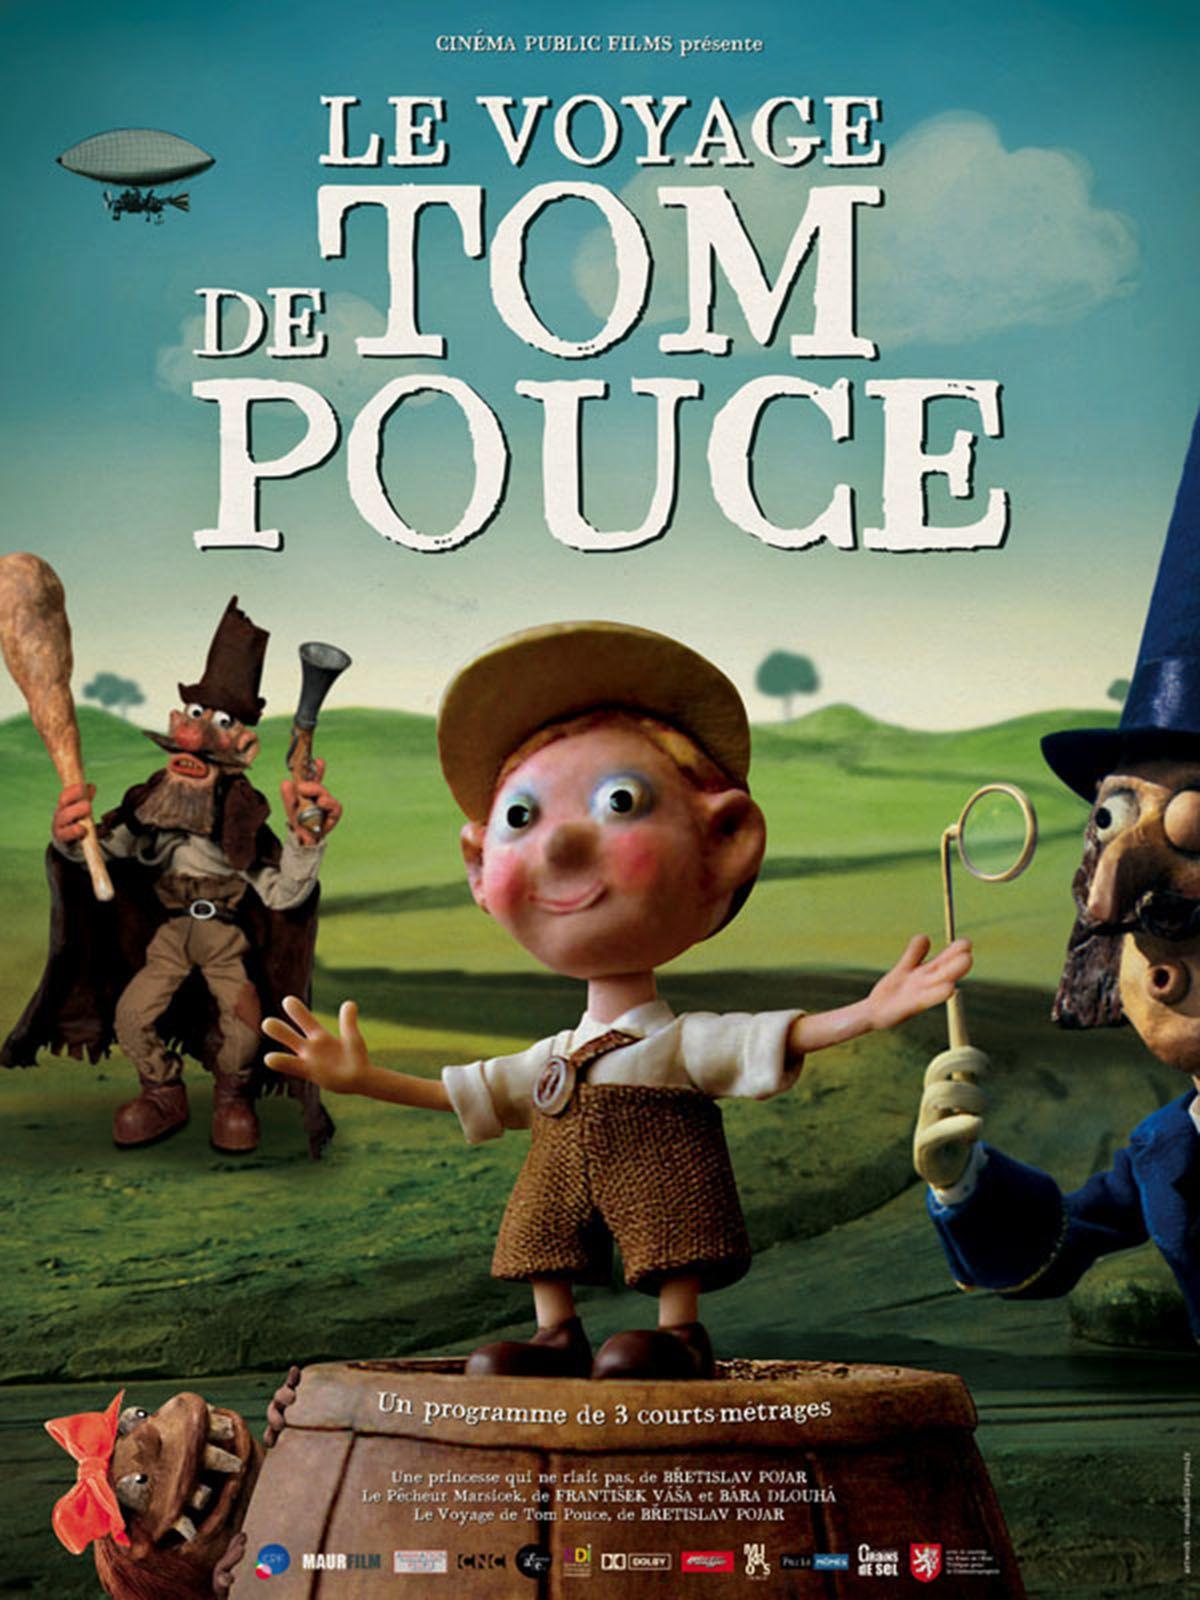 Le voyage de Tom Pouce - Long-métrage d'animation (2015)